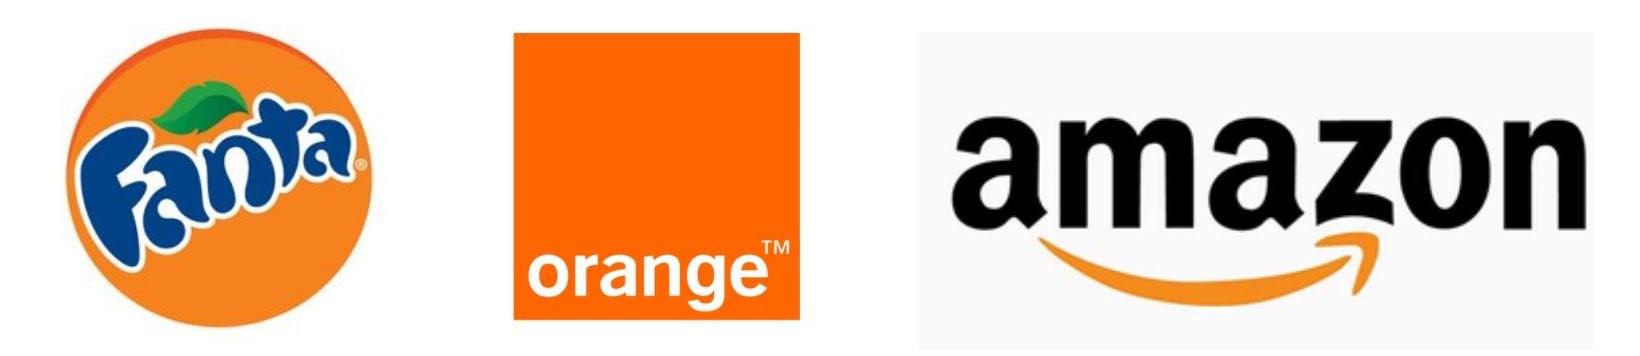 Comment utiliser le pouvoir des couleurs : orange